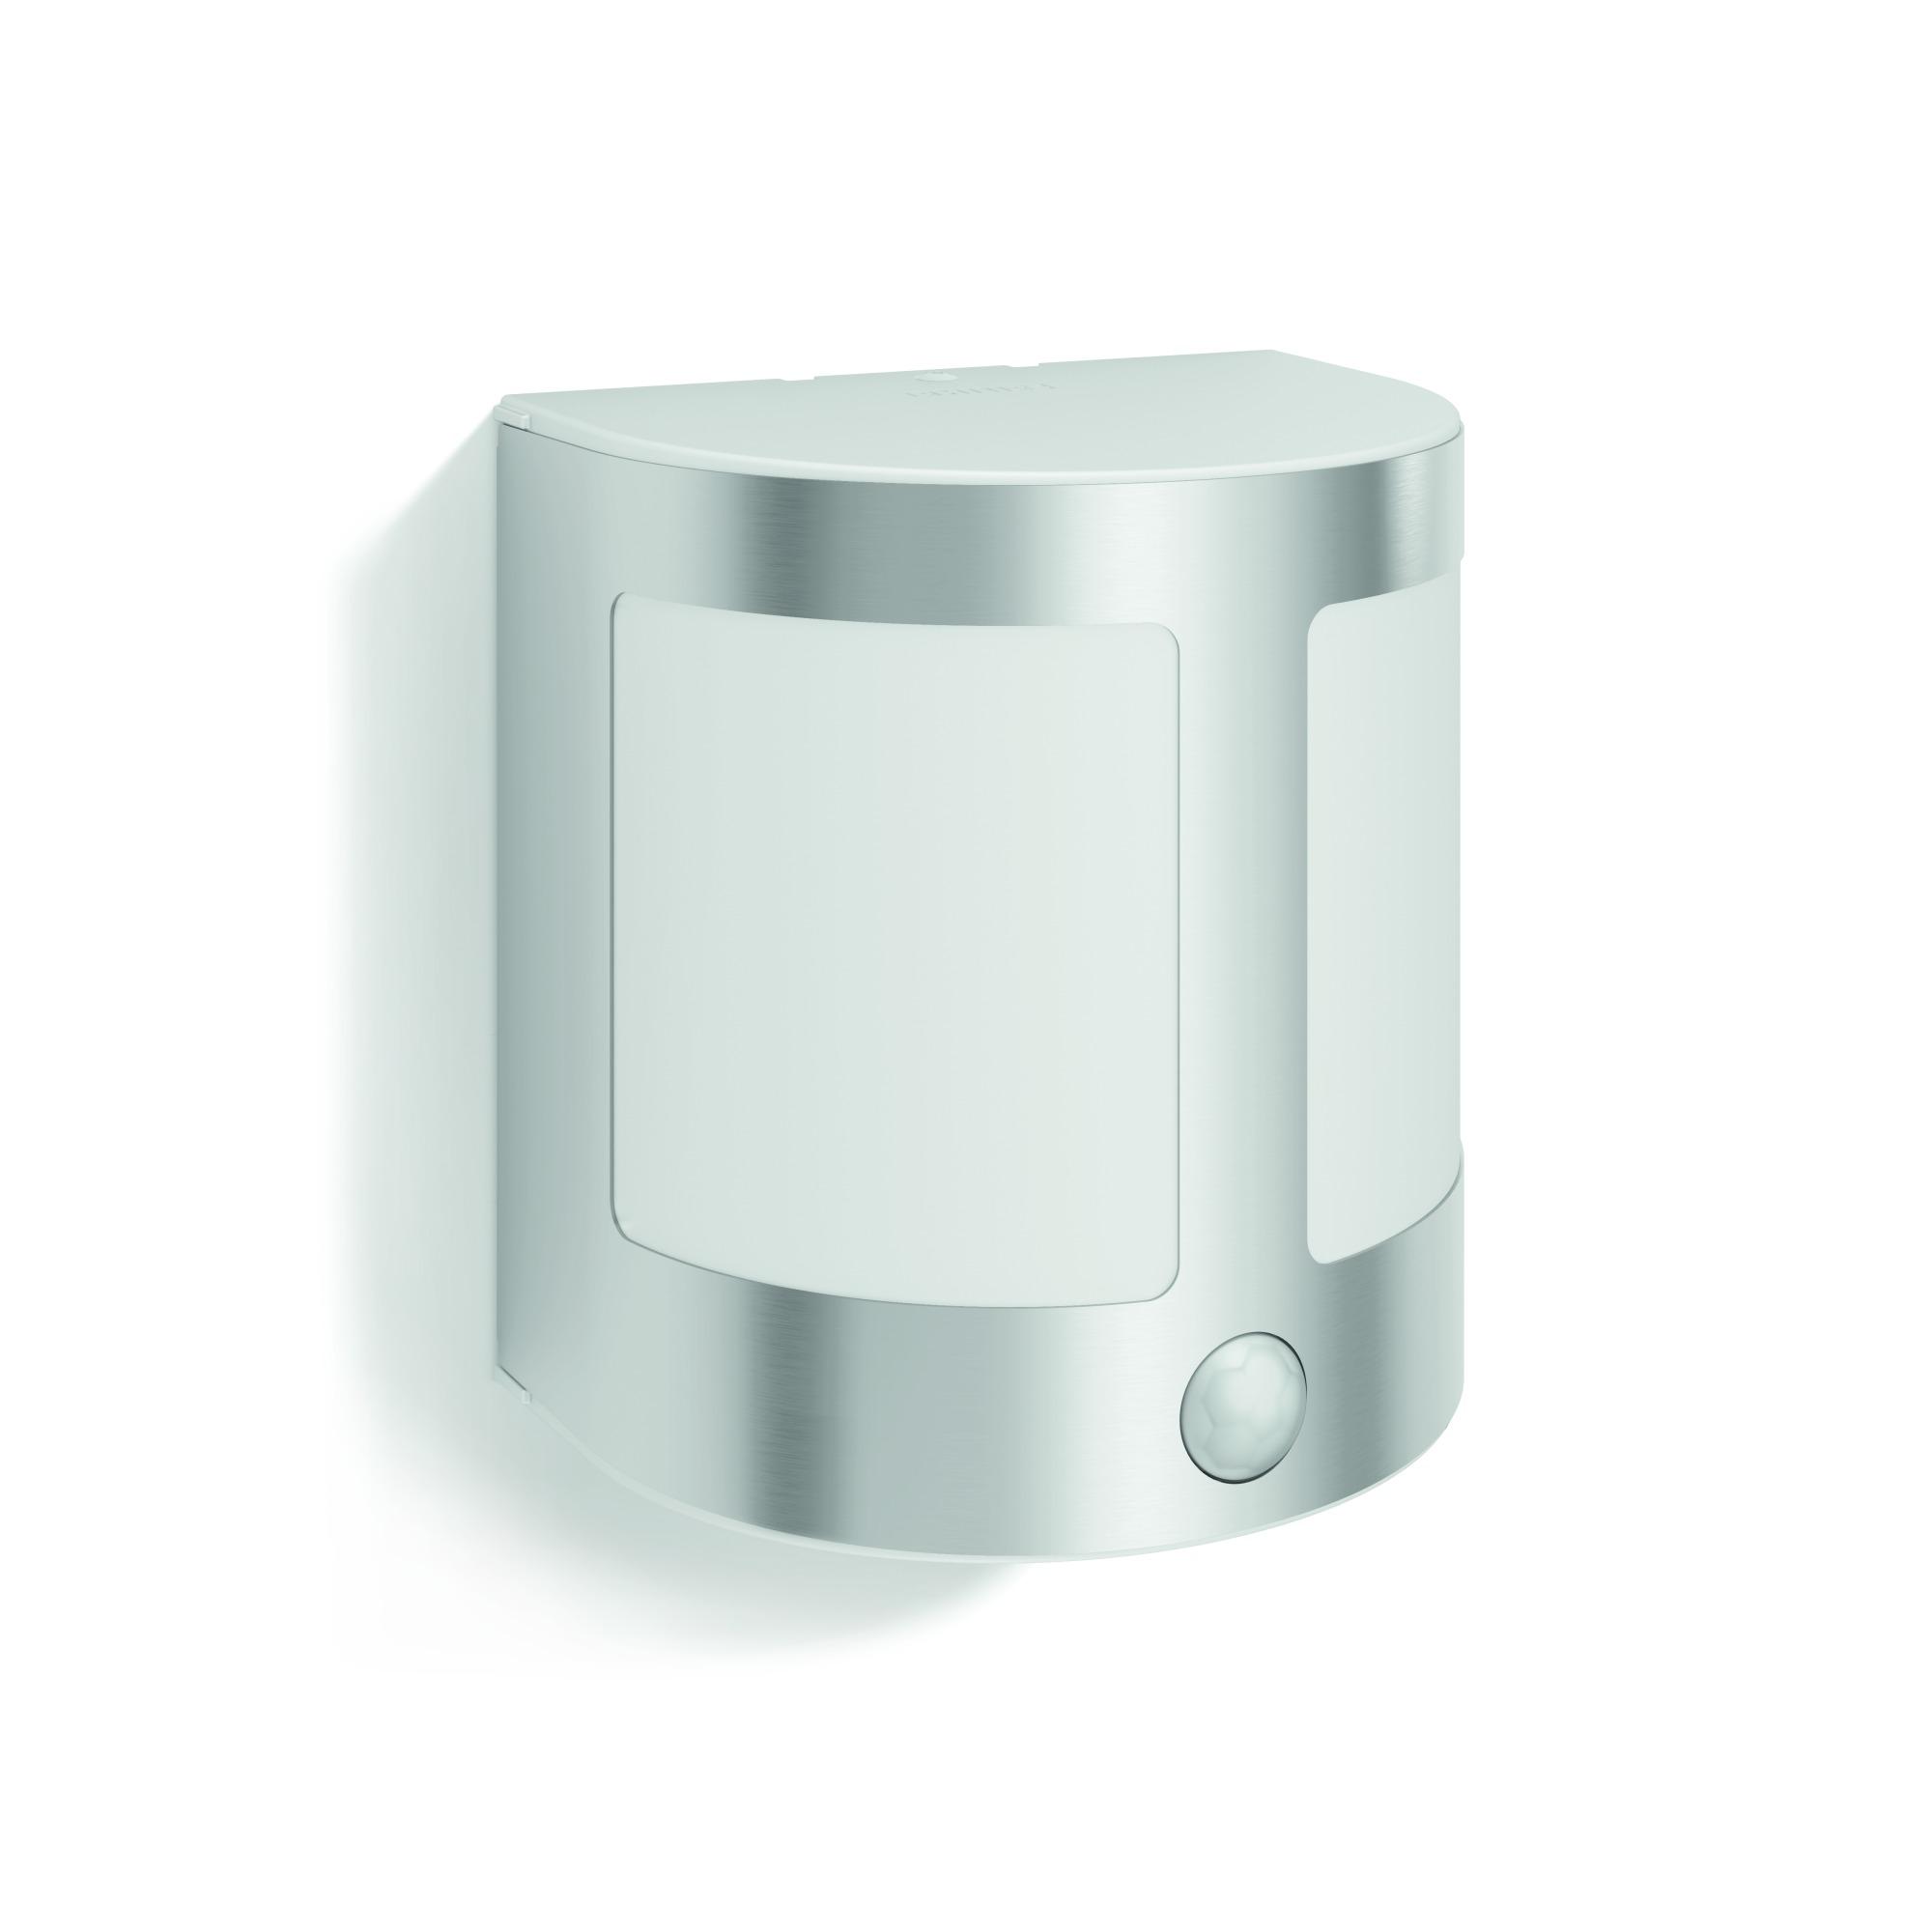 Philips Buitenlamp Parrot met bewegingssensor grijs LED 3.5W